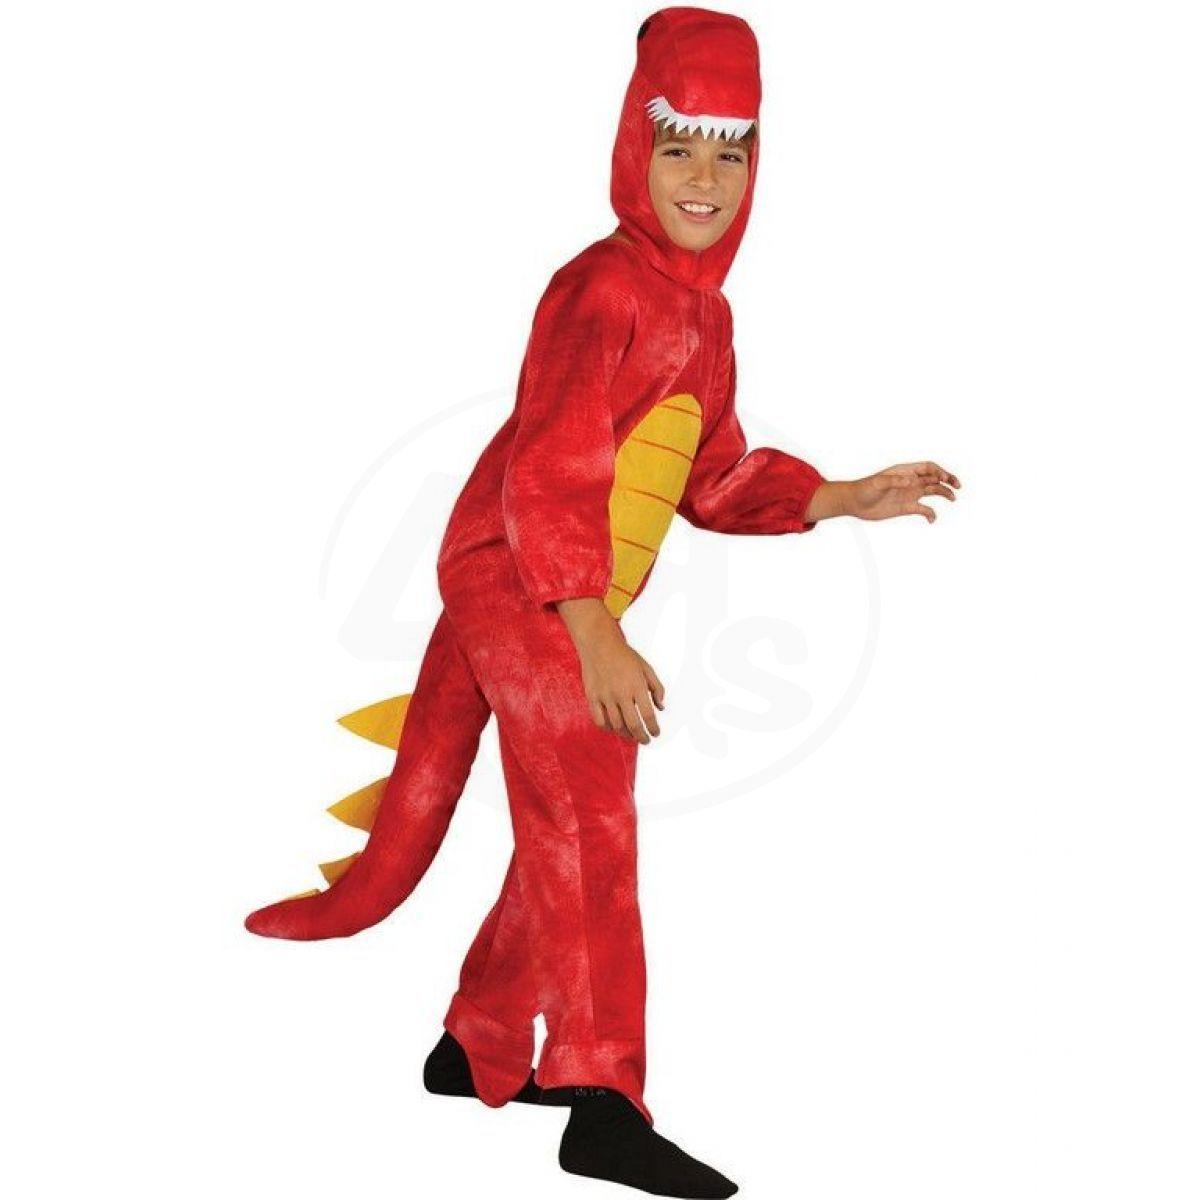 Dětský kostým na karneval Dinosaurus červený 120 - 130 cm 3385108297f